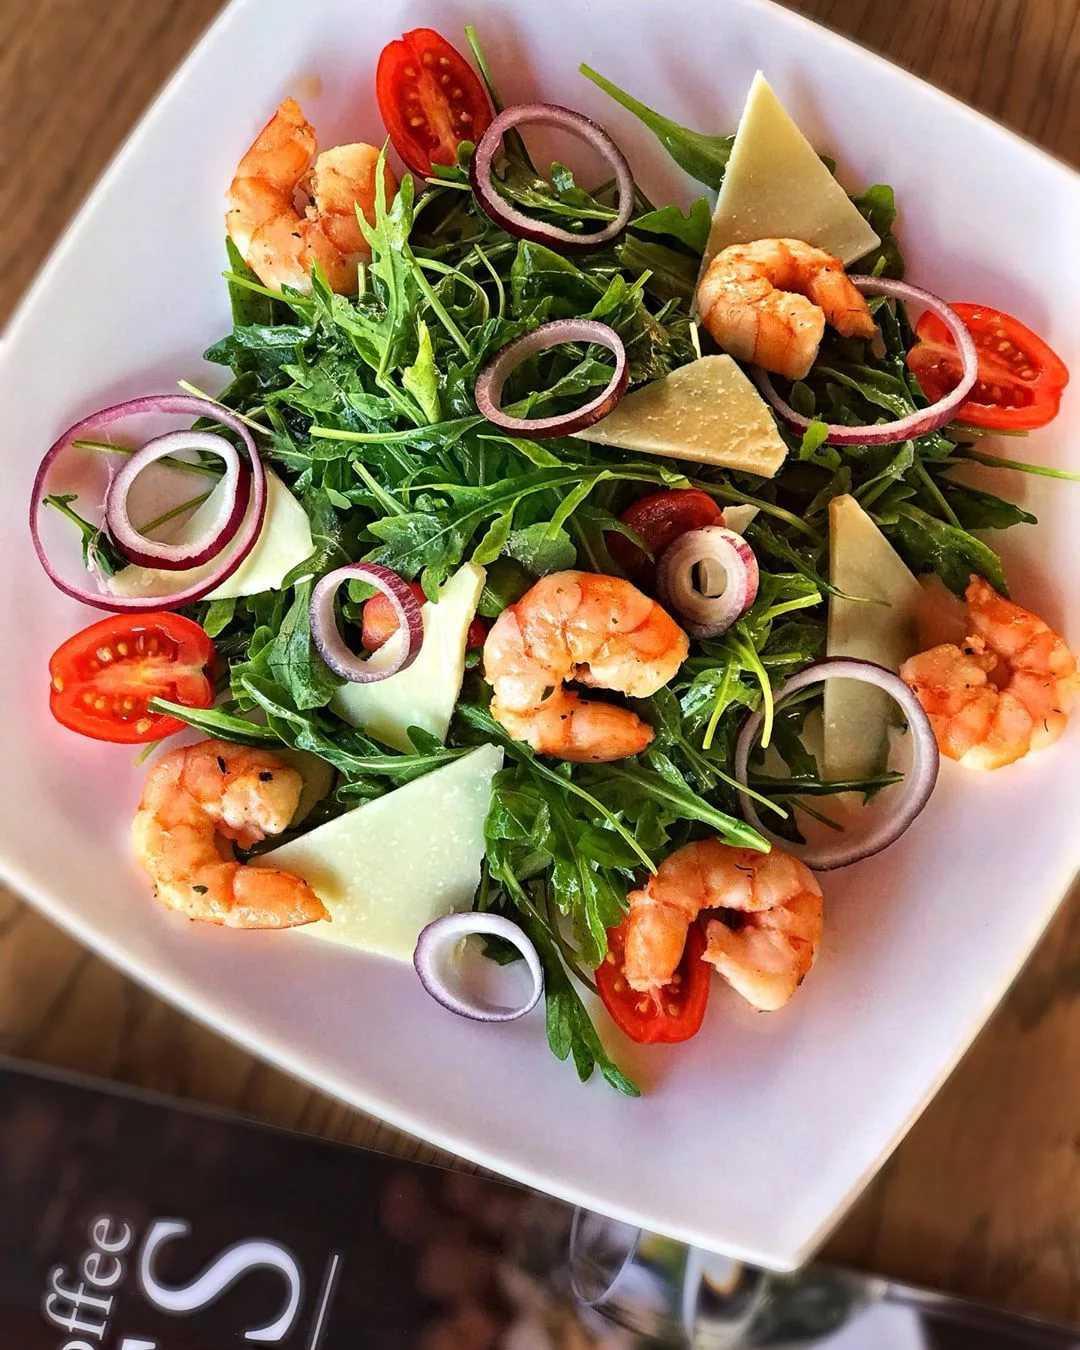 Салат с креветками по-французски рецепт с фото - 1000.menu